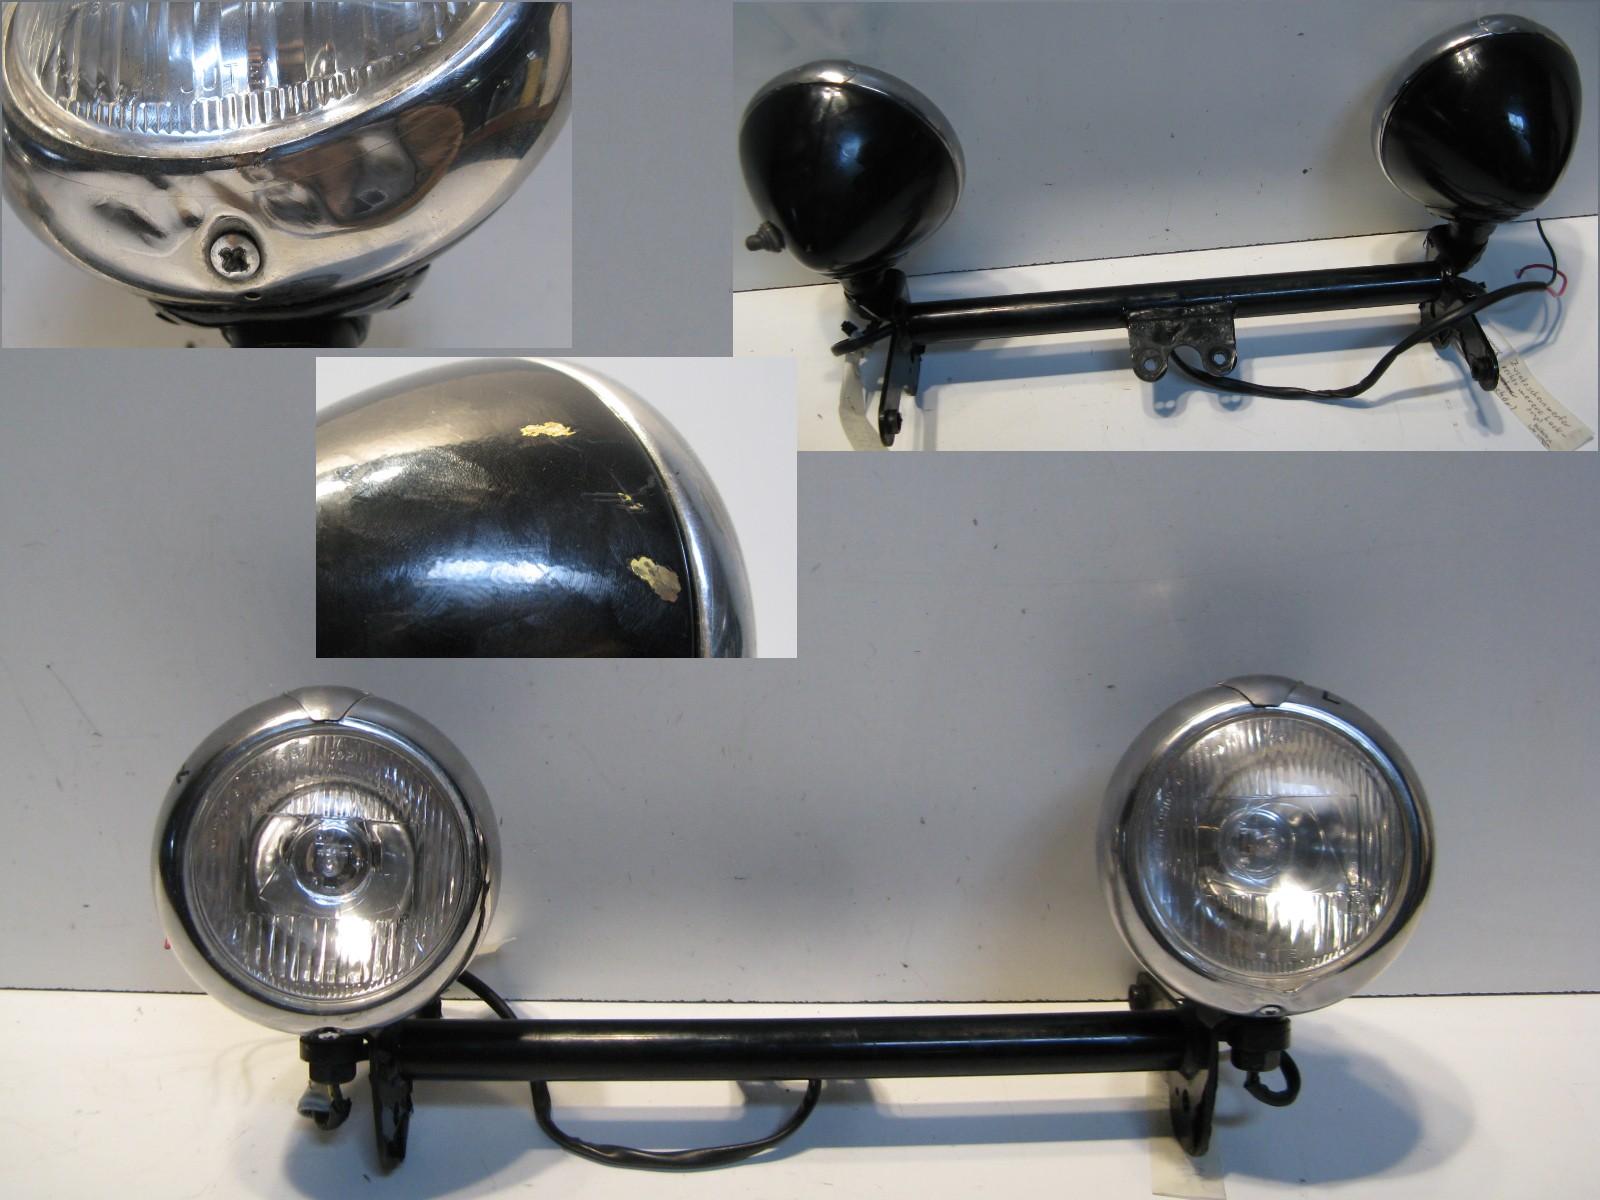 zusatzscheinwerfer zusatz scheinwerfer lampe kawasaki vn. Black Bedroom Furniture Sets. Home Design Ideas